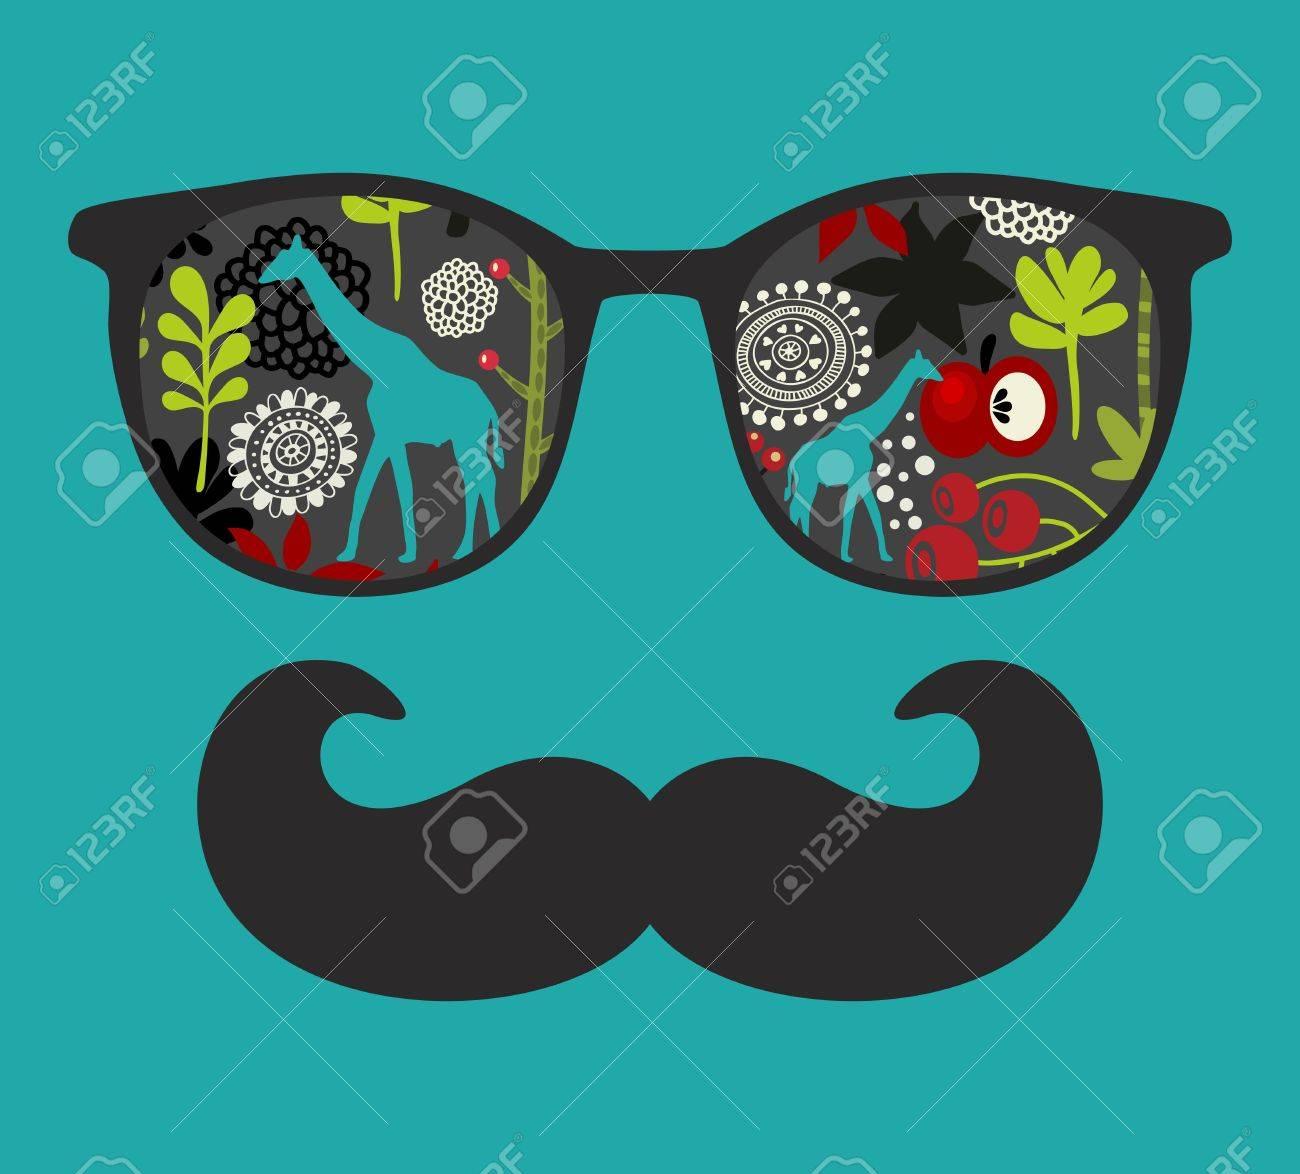 424d8aa3836822 Retro-Sonnenbrille mit Reflexion für Hüfthosen. Vektor-Illustration von  Zubehör - Brille isoliert